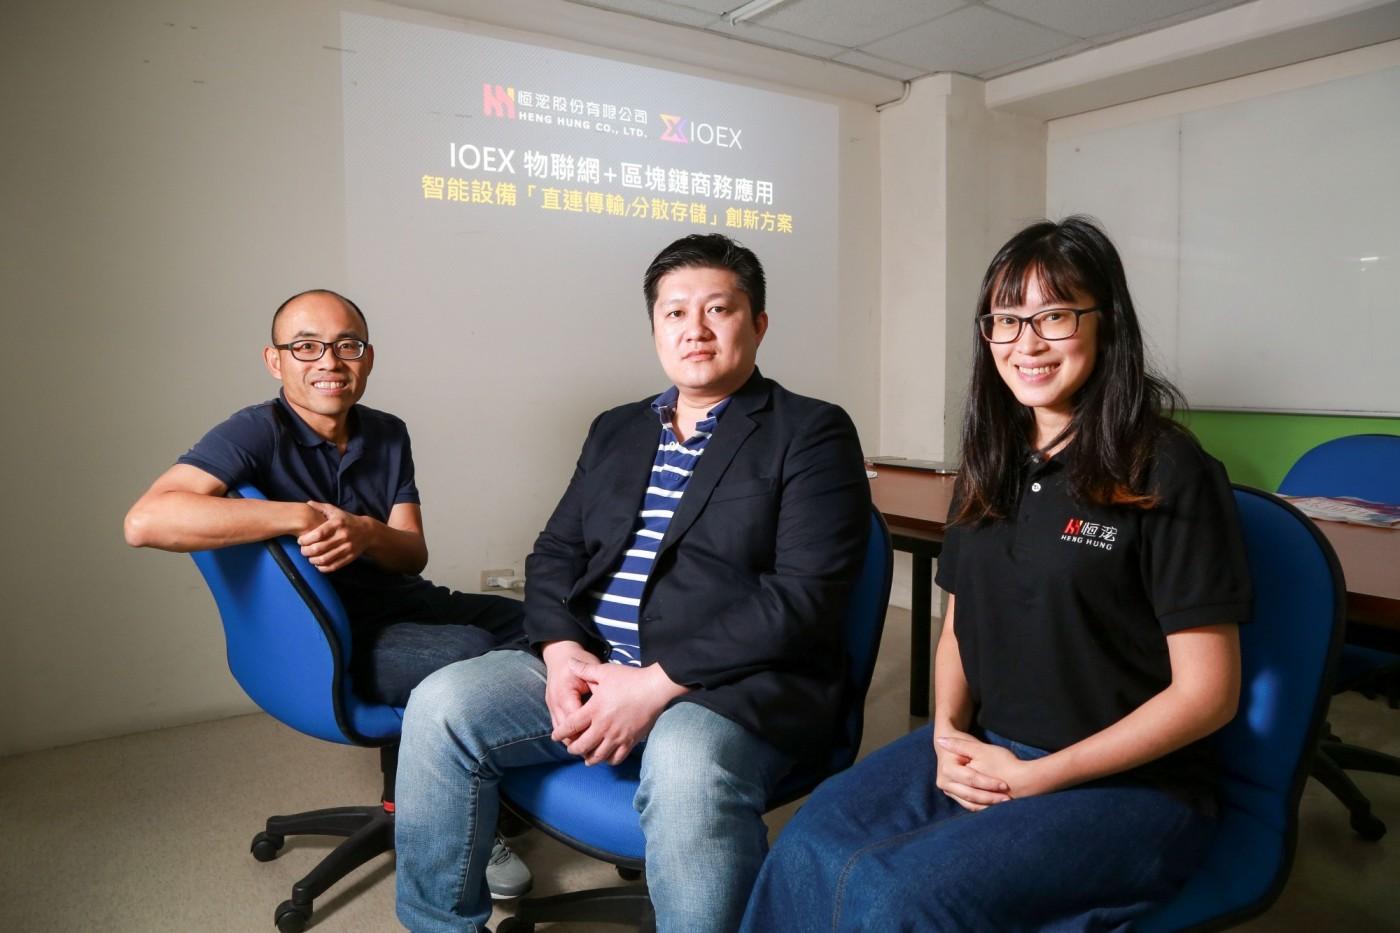 揮別鴻海富爸爸!他們推出IOEXpress應用程式集,讓區塊鏈落實於各產業中